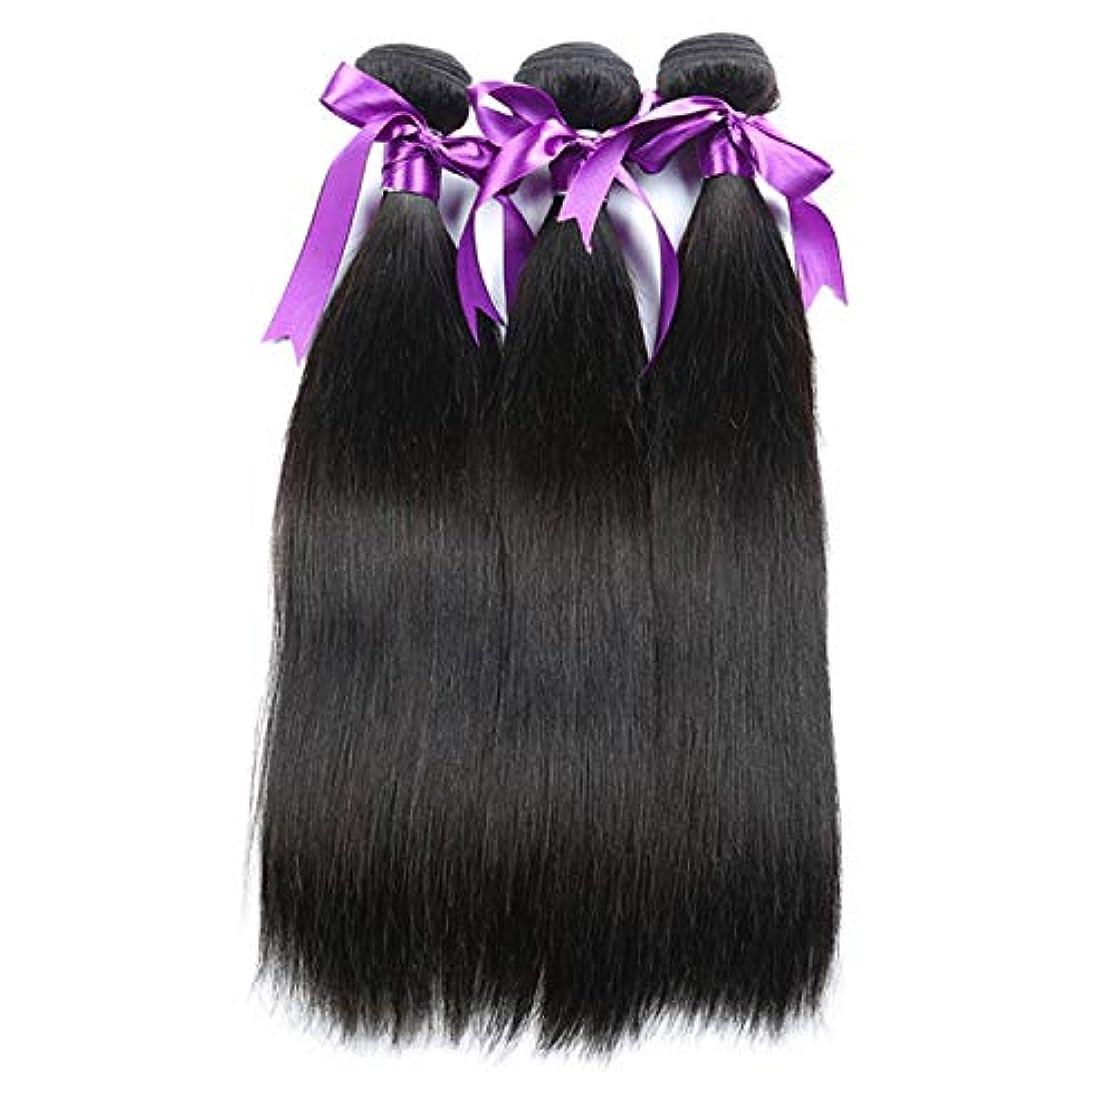 精査定義ペアかつら 髪マレーシアストレートヘア3個人間の髪の束非レミーの毛延長8-28インチボディヘアウィッグ (Length : 12 14 16)